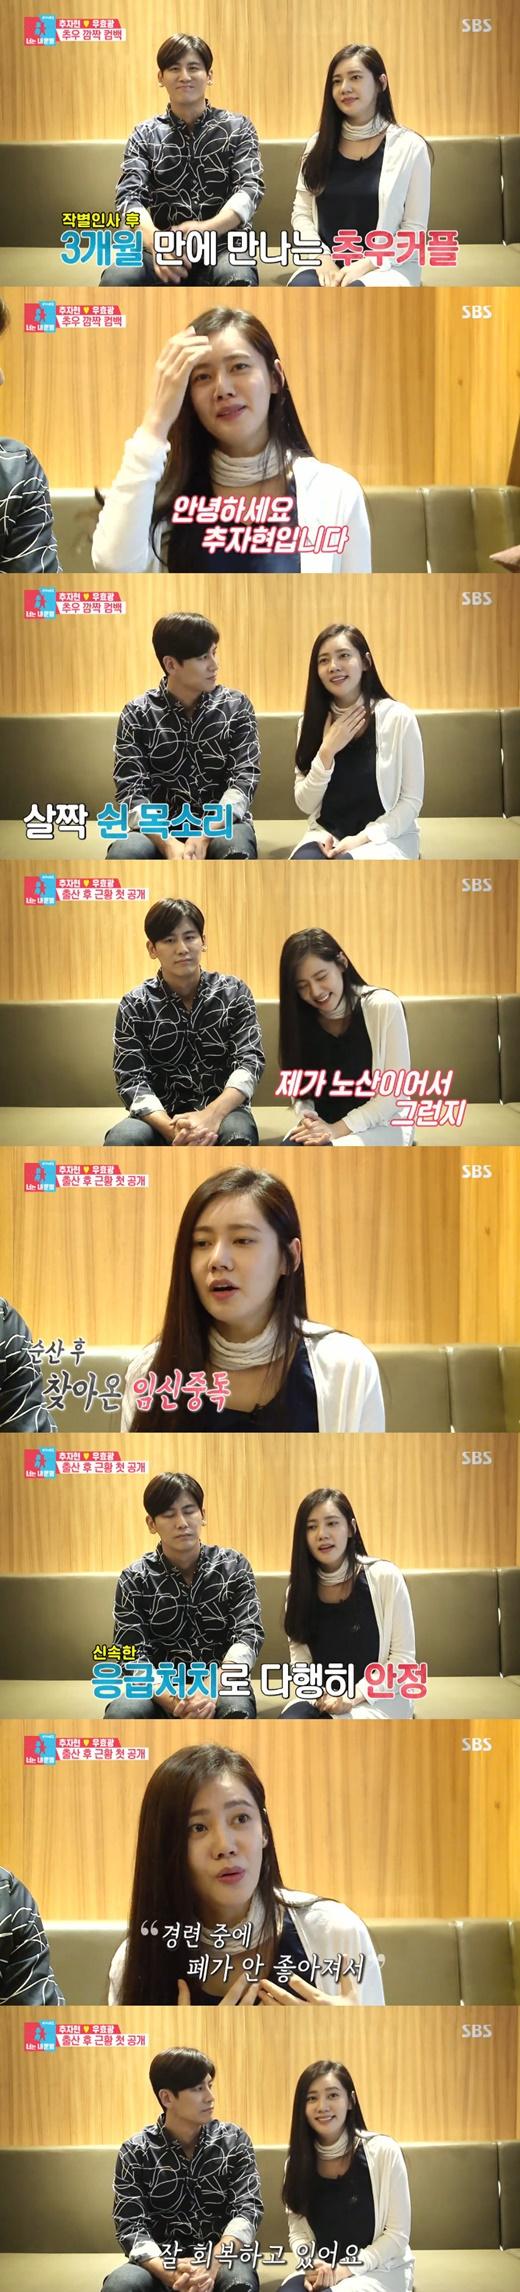 추자현♥우효광 '동상이몽2', 12주 만에 차체 최고 시청률 경신